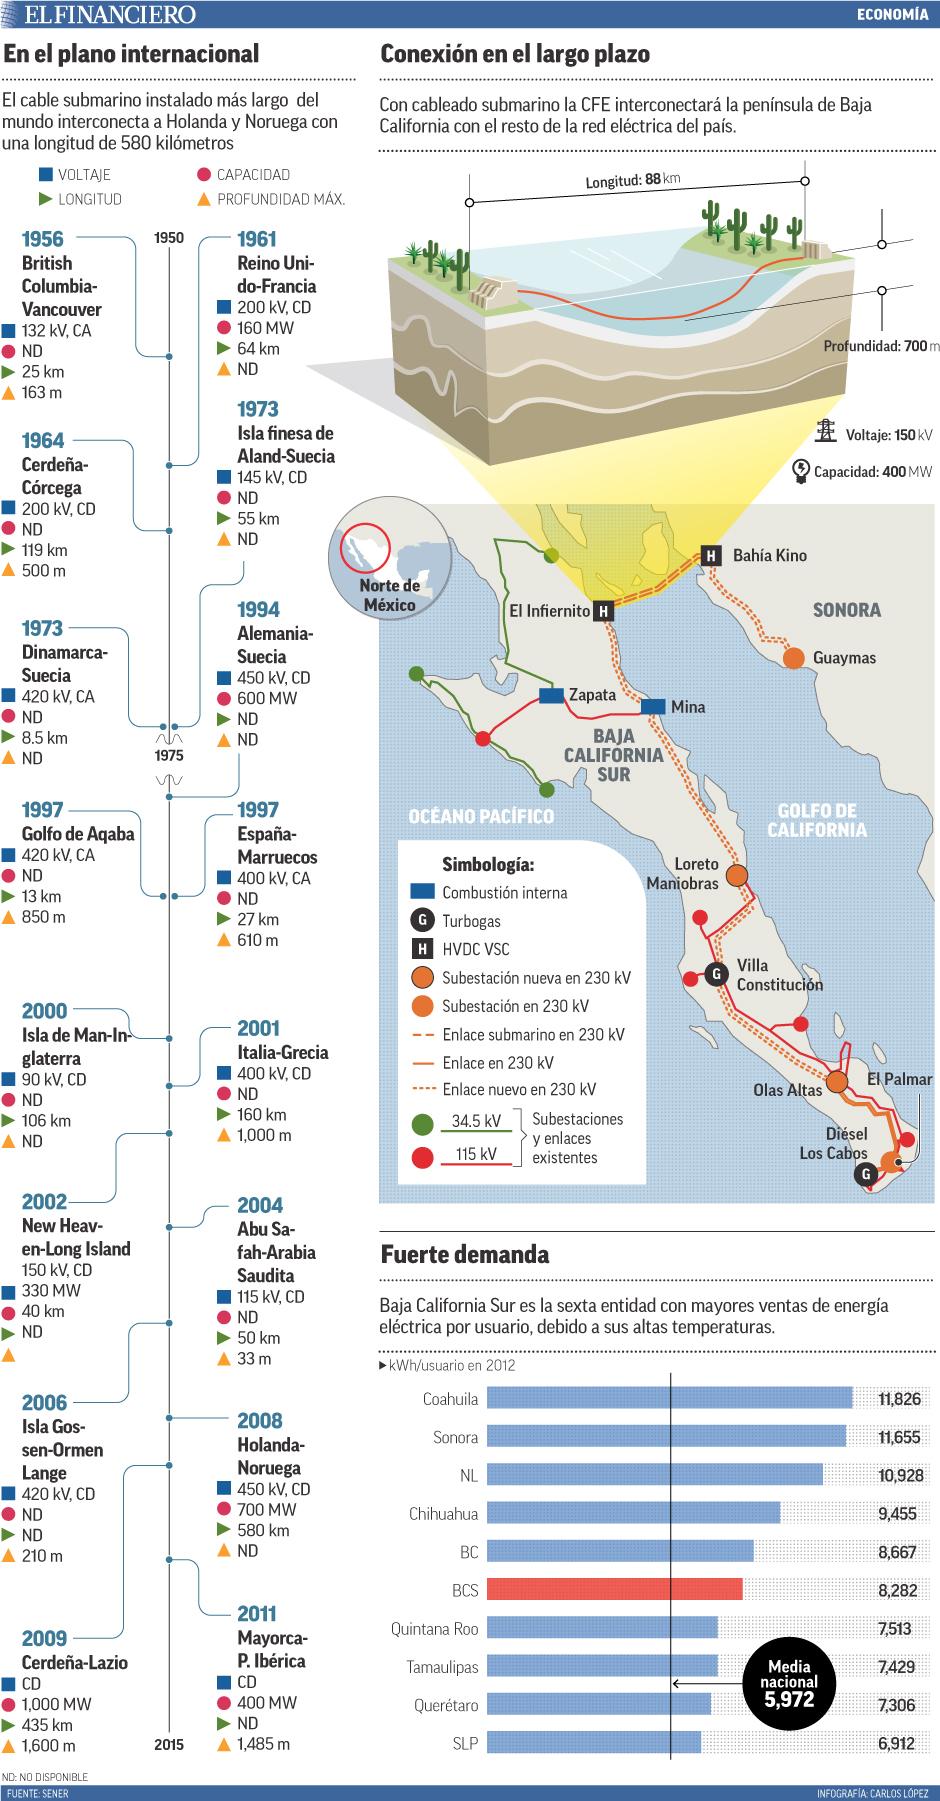 Con cableado submarino la CFE interconectará la península de Baja California con el resto de la red eléctrica del país.